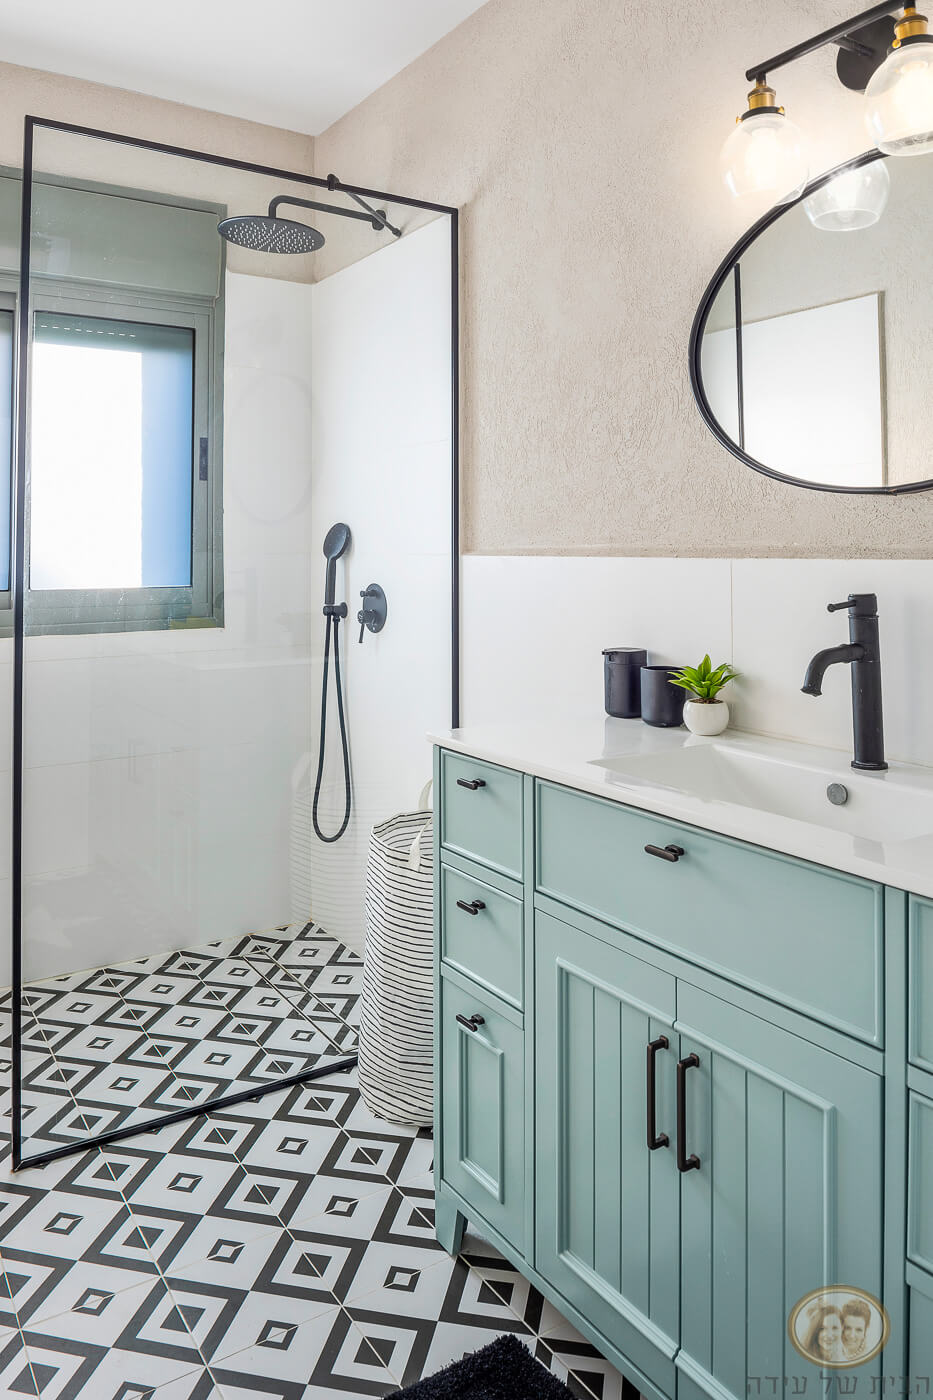 עיצוב מחדש של חדר אמבטיה